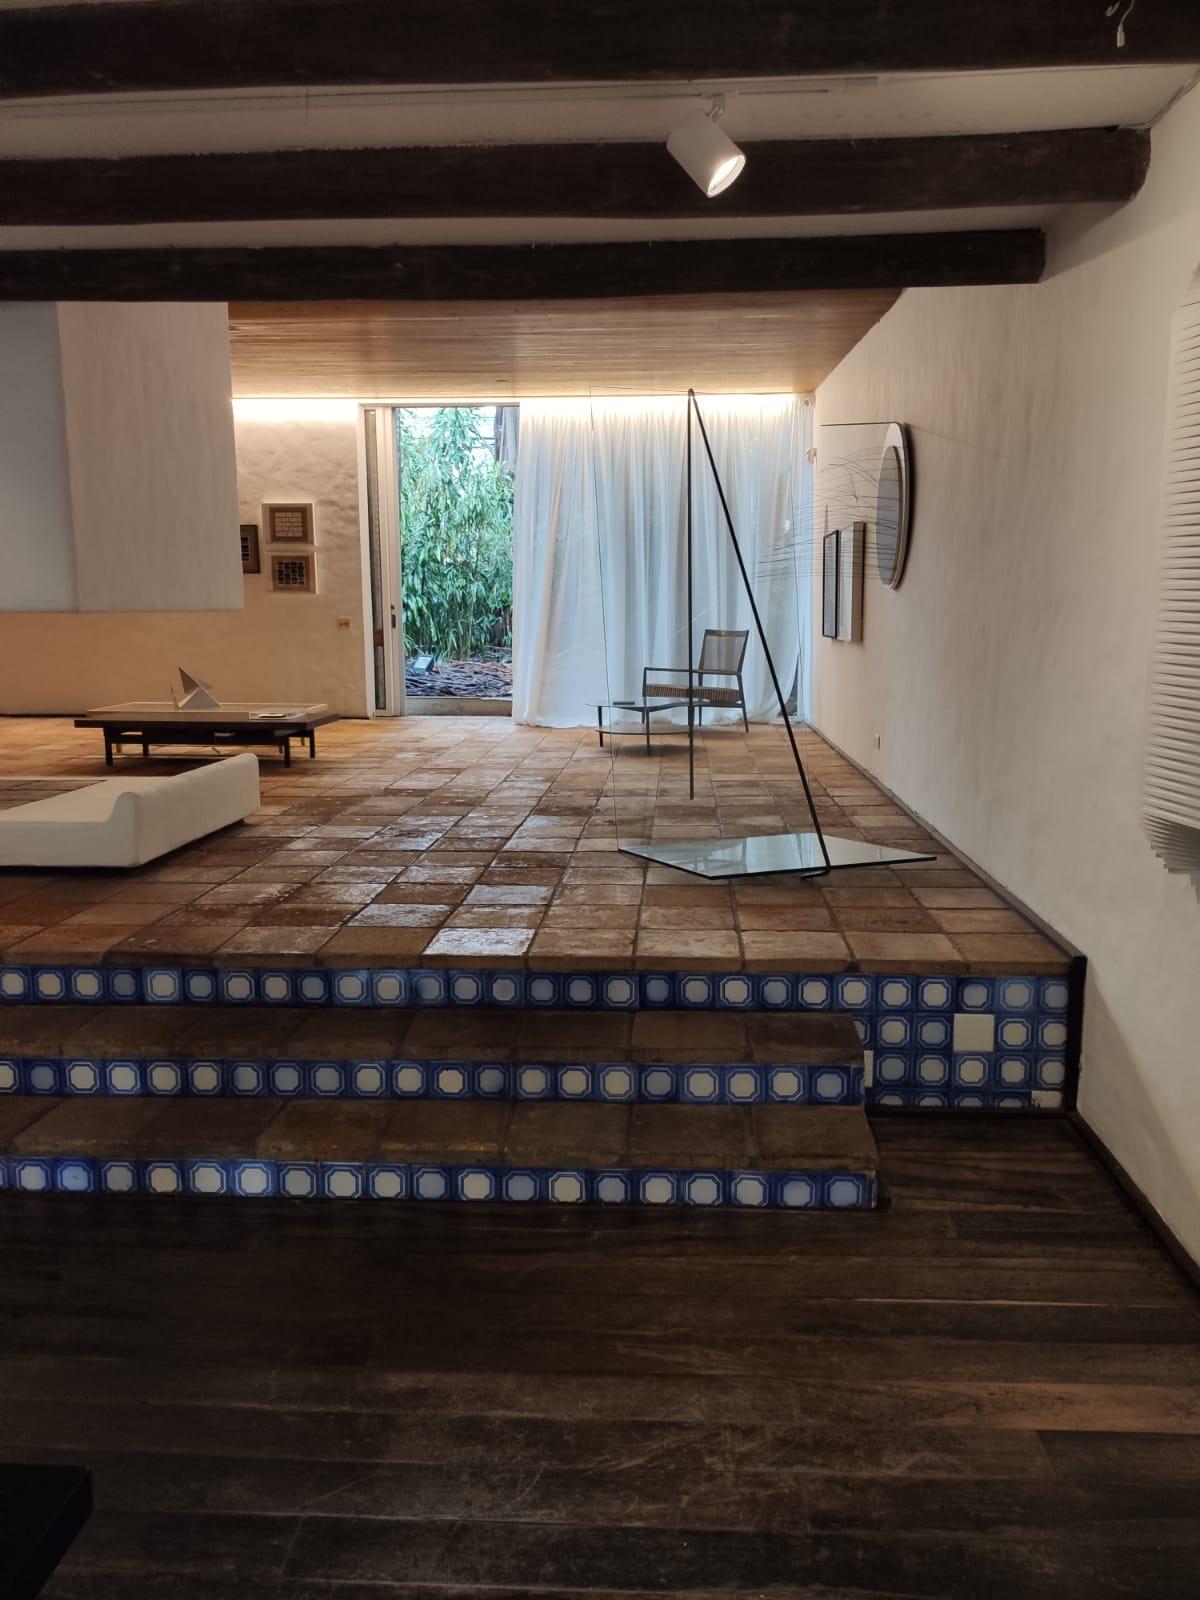 Projeto da casa, assinado pelo arquiteto, mescla diferentes acabamentos para o piso e alturas de pé-direito.